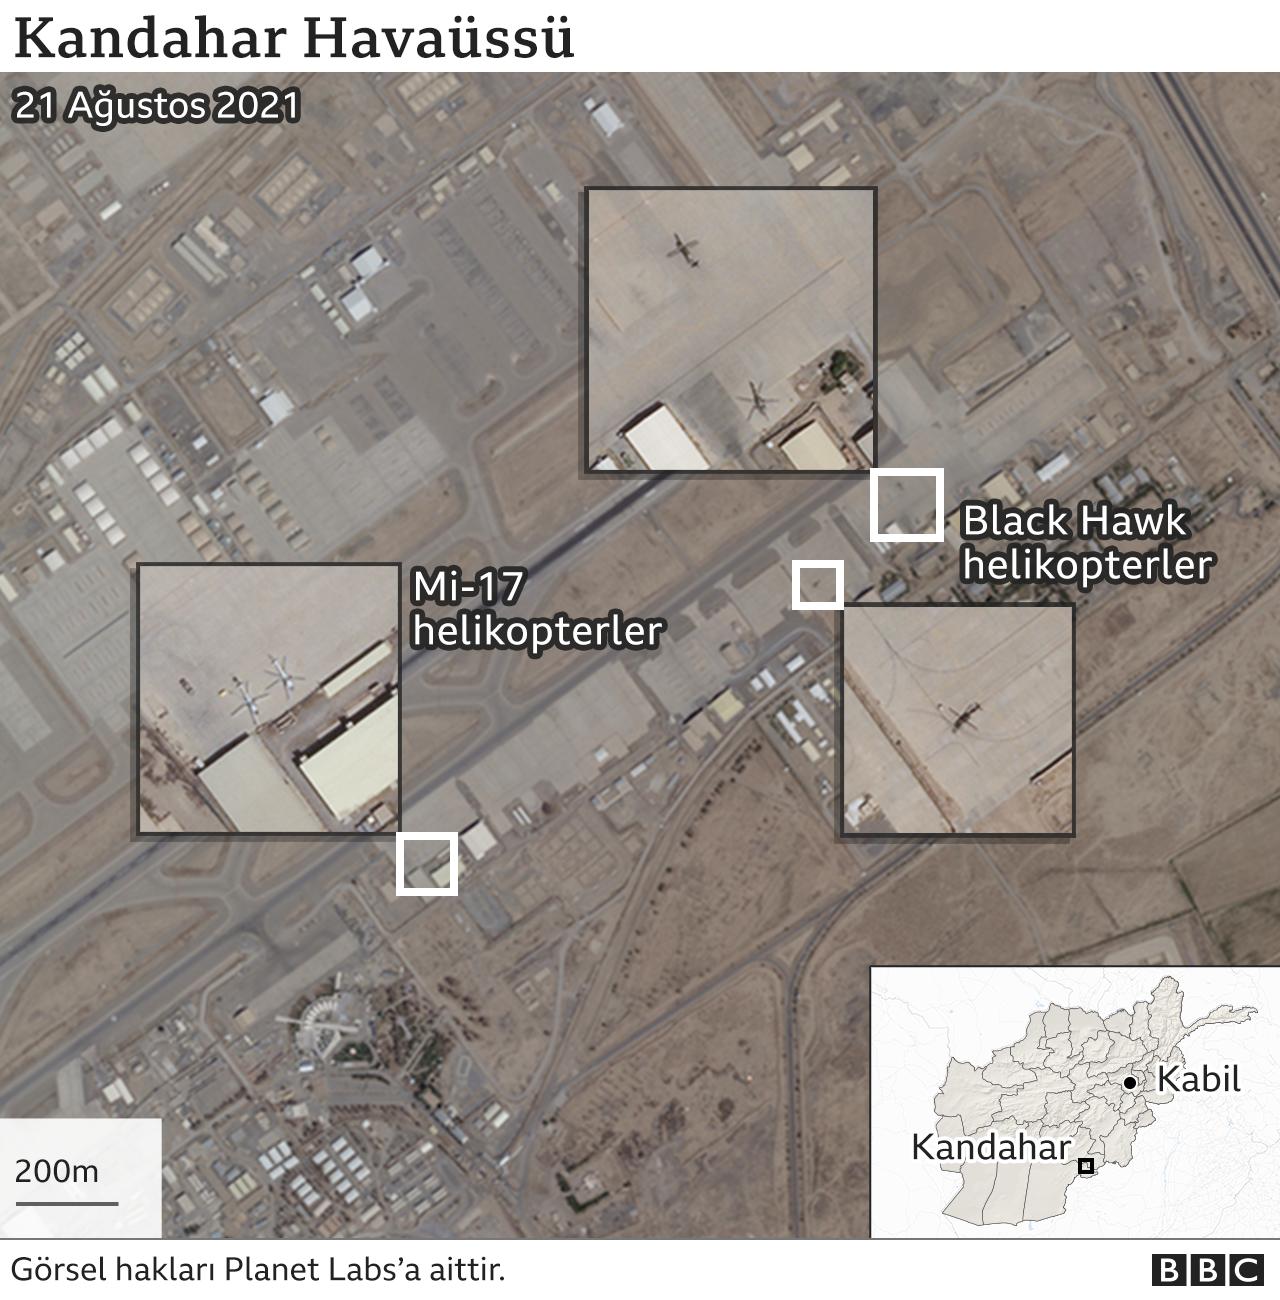 Kandahar hava üssü